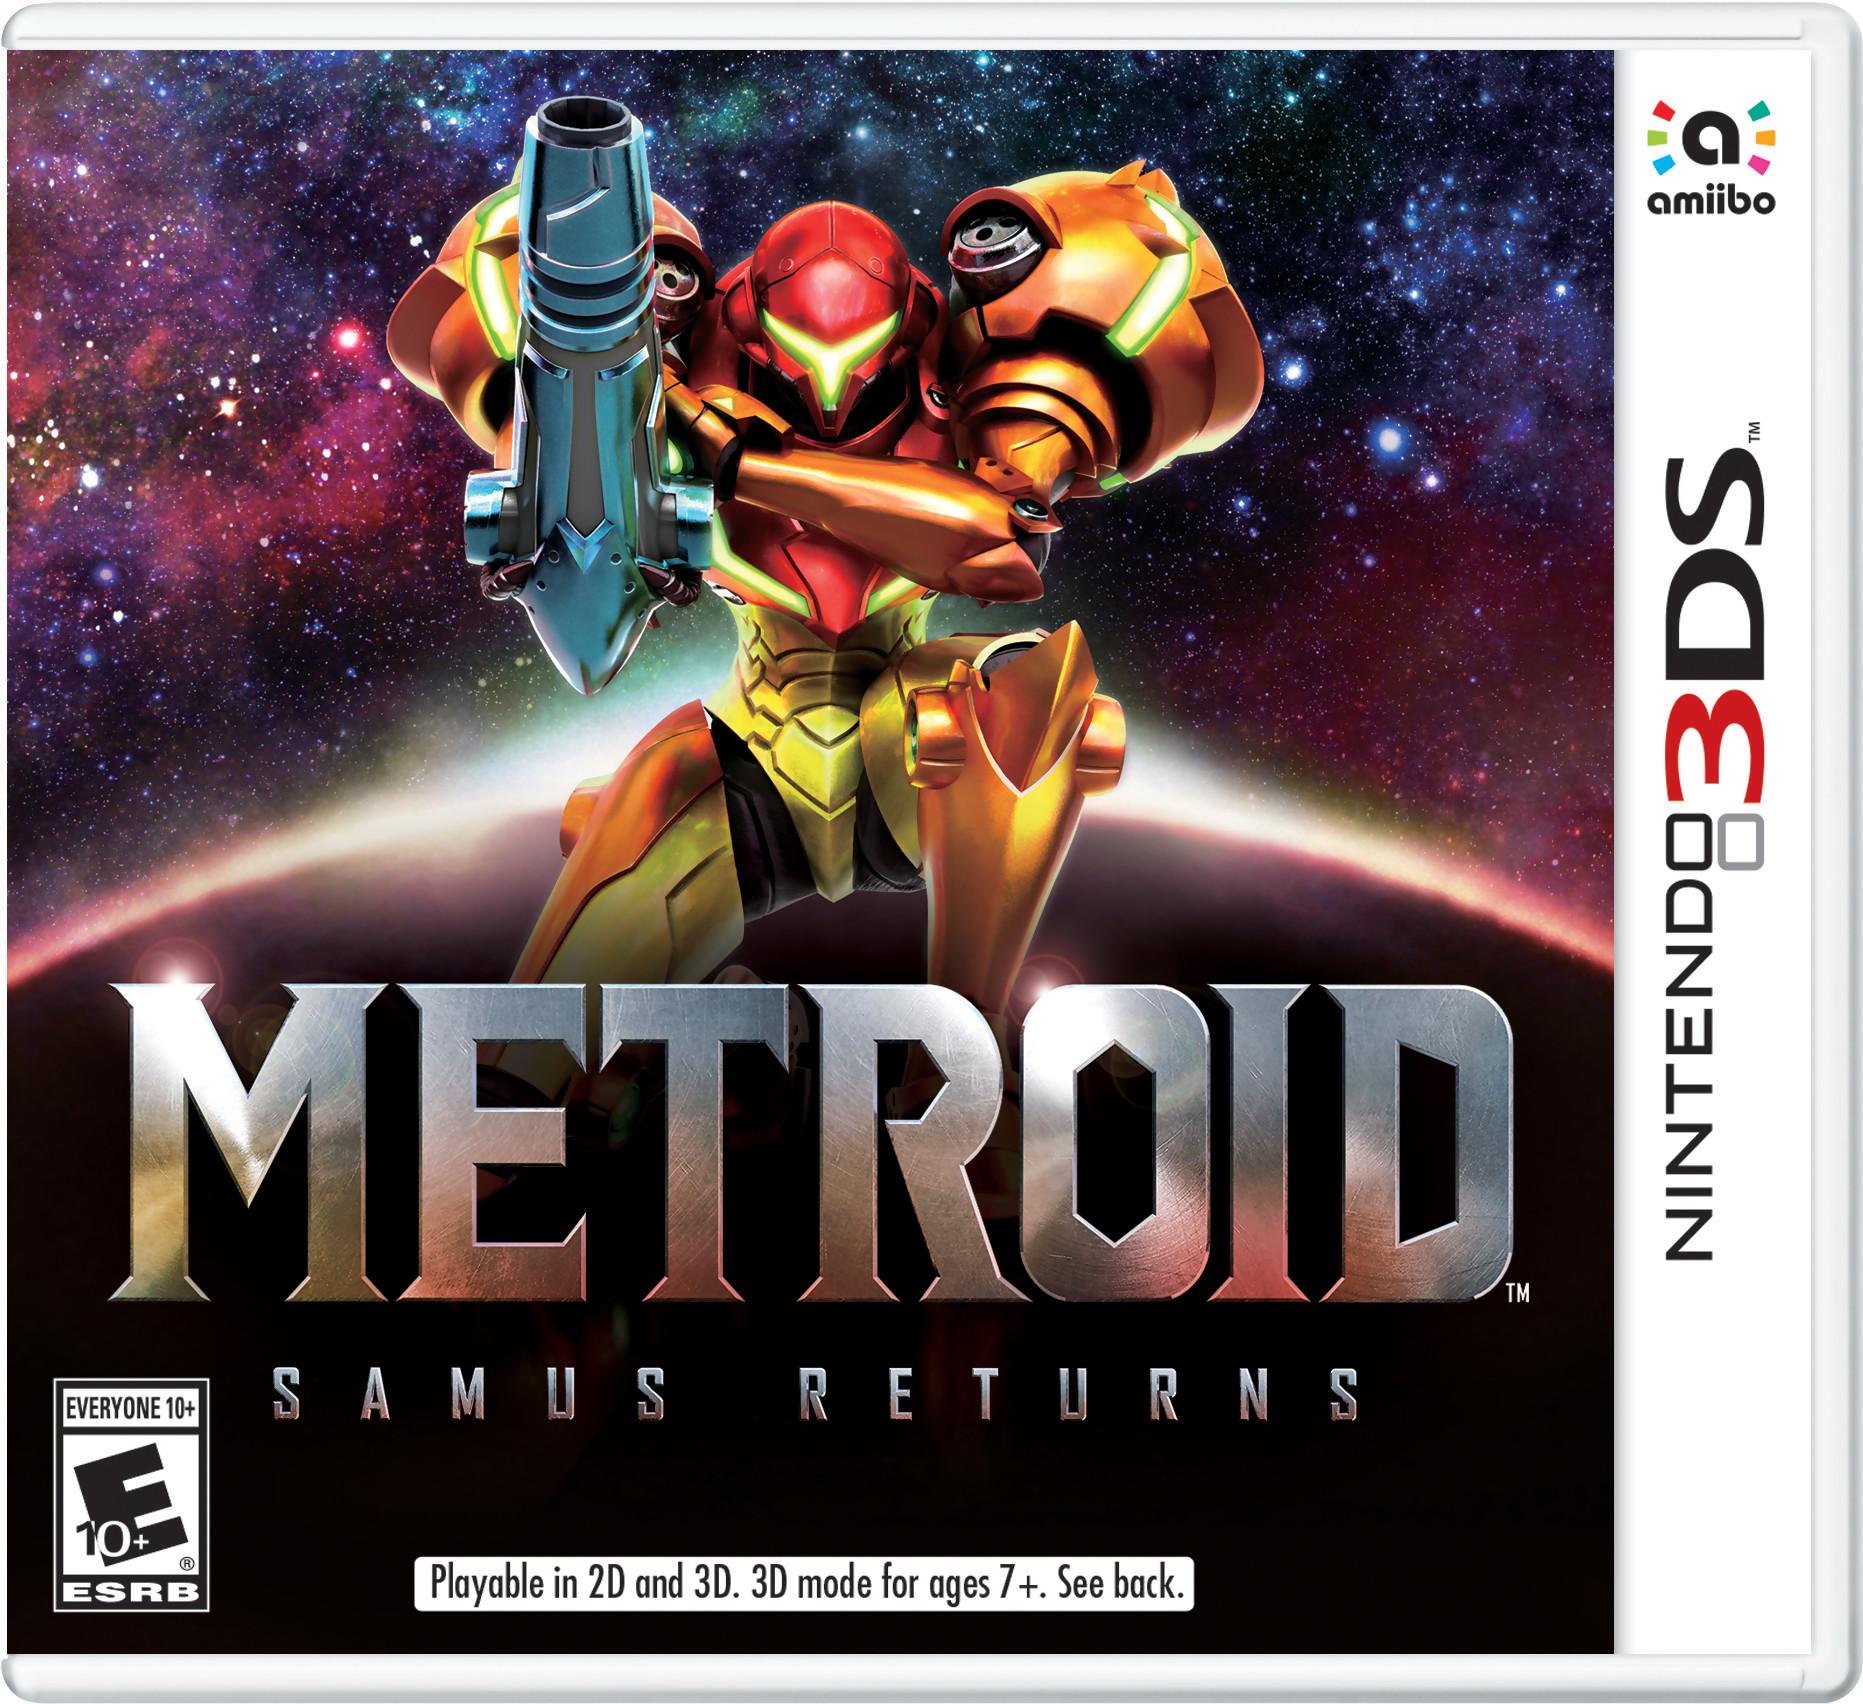 Les prochaines sorties - Page 23 Metroid-samus-returns-j-594107e49c412